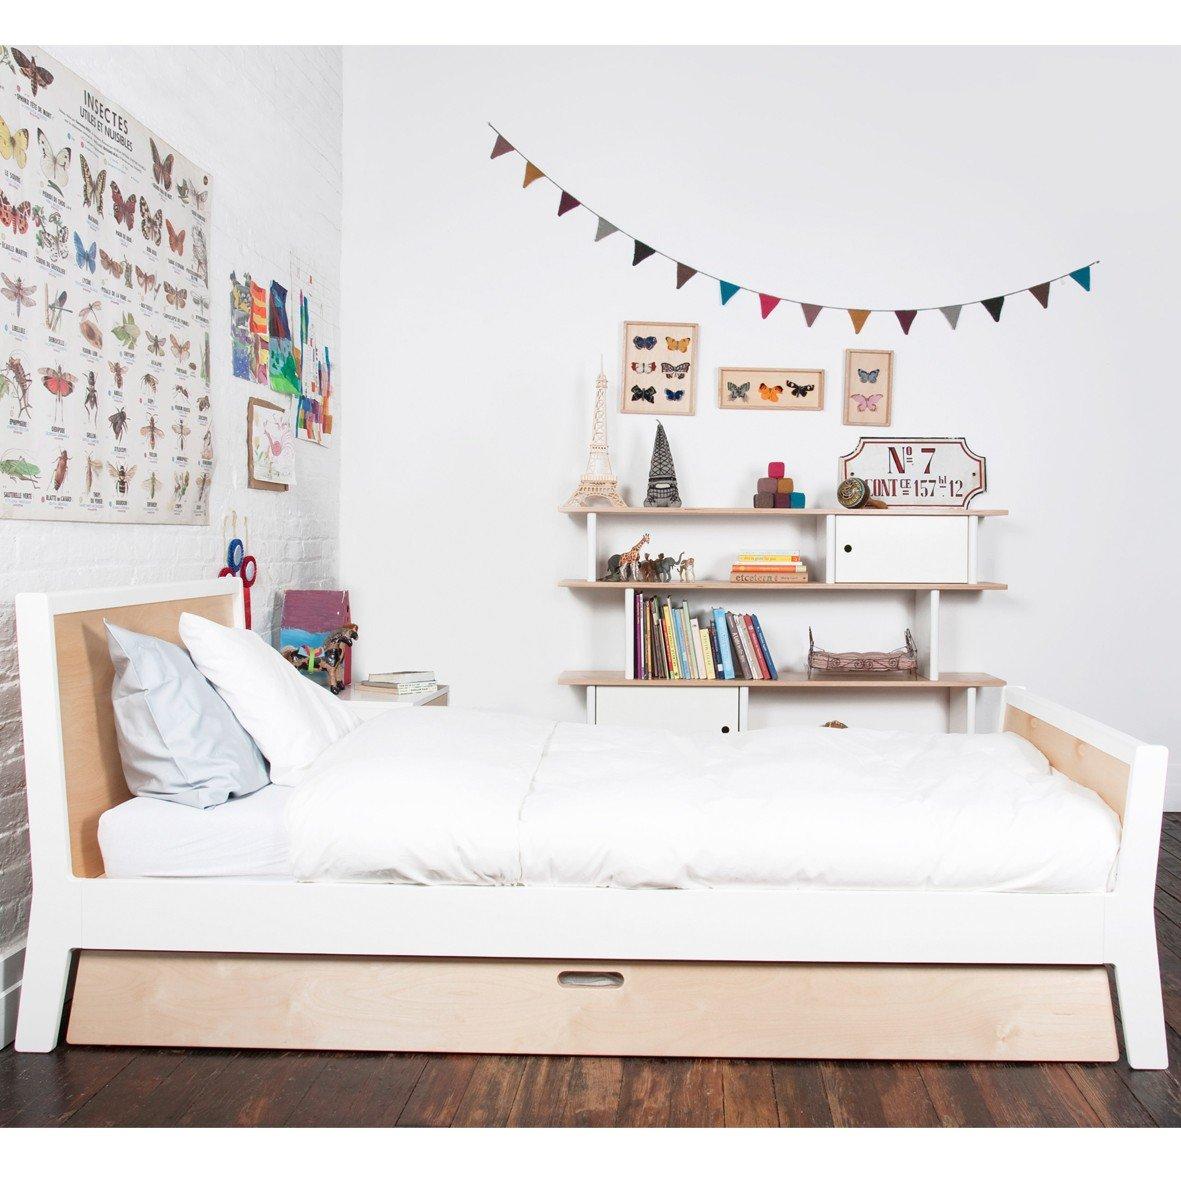 Camas para habitaciones infantiles originales camas para habitaciones infantiles - Camas para ninos originales ...